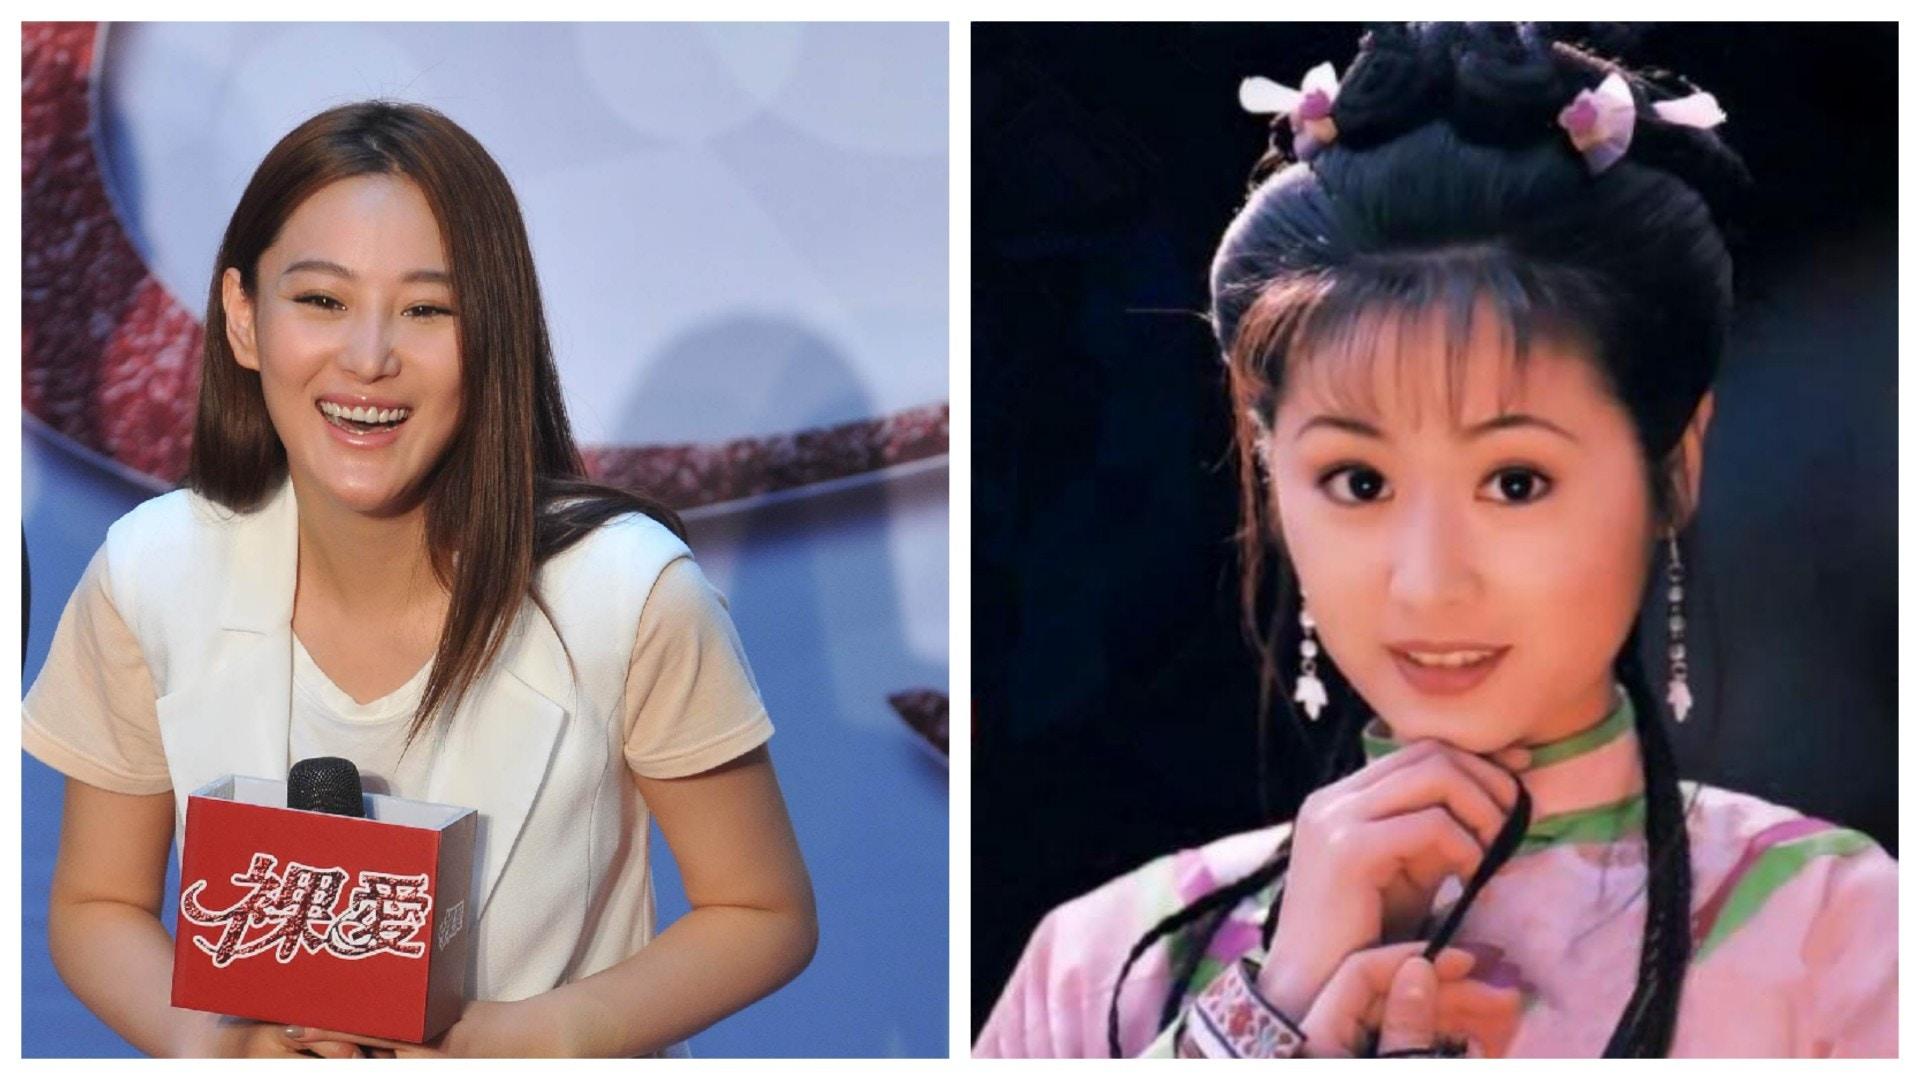 網絡瘋傳新版《還珠格格》演員名單 紫薇竟由性感女神來演? 香港01 即時娛樂